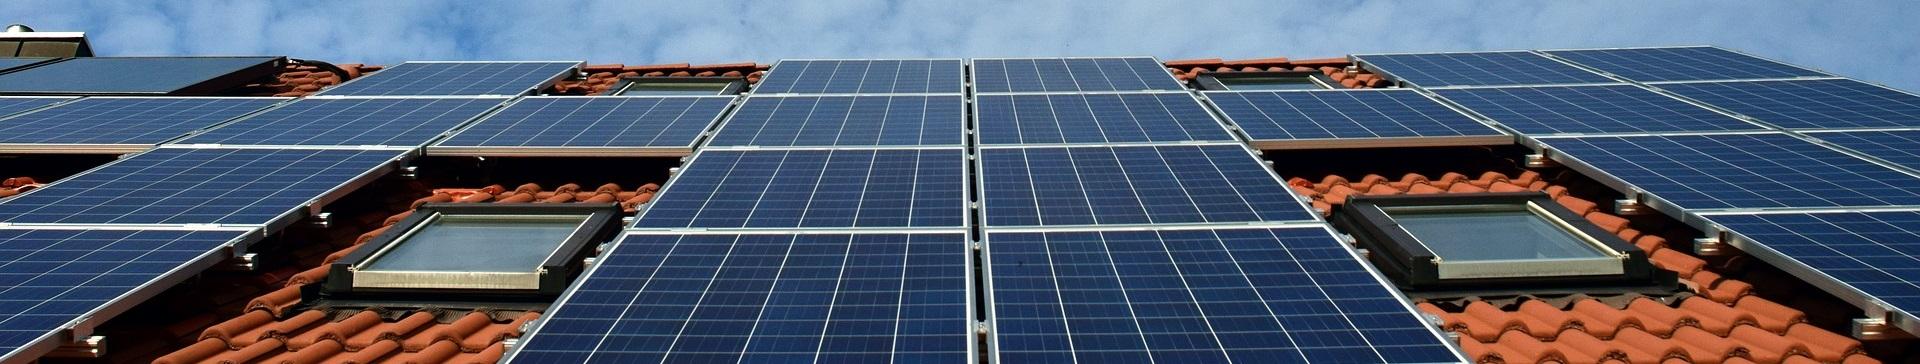 Panneaux photovoltaïques sur bâtiment